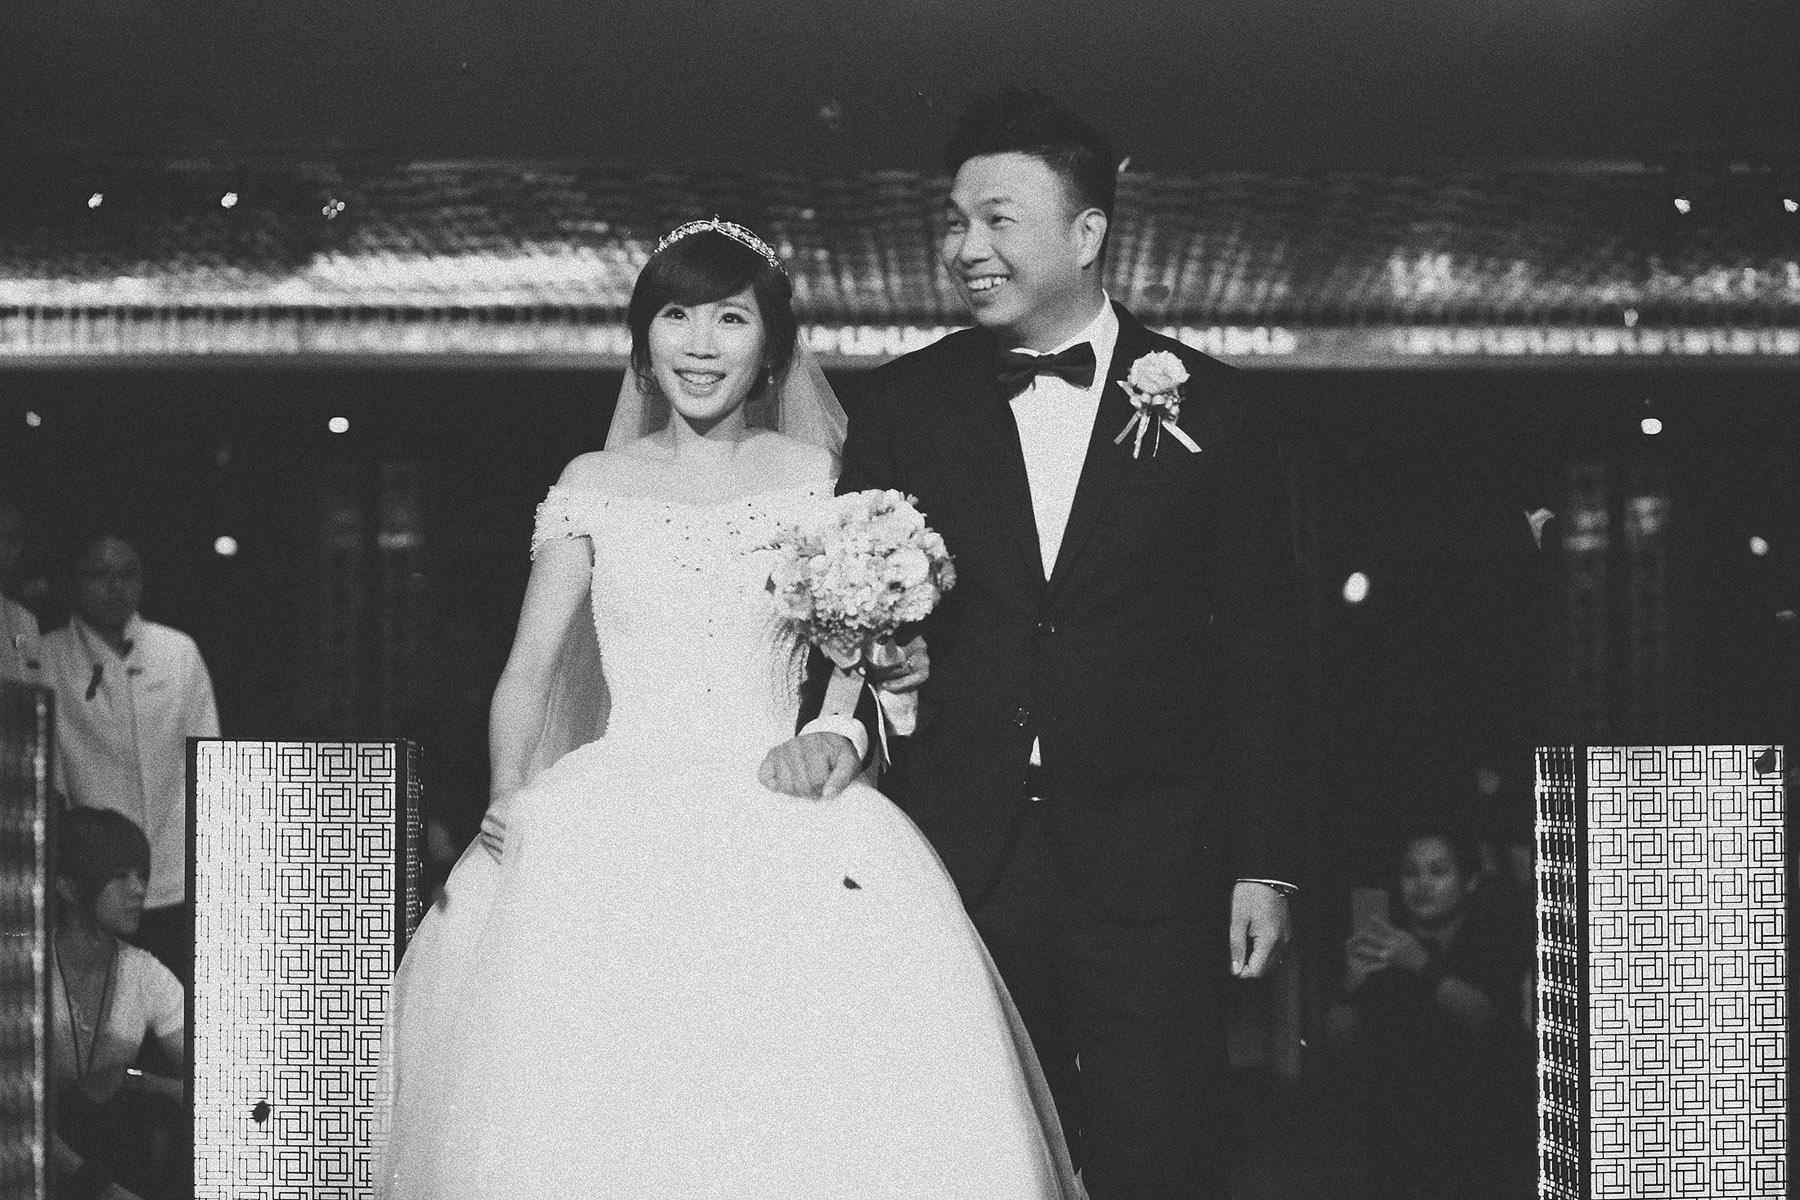 底片婚攝,婚禮攝影,電影風格,台北婚攝推薦,婚攝,婚禮紀錄,底片風格,基督徒,大稻埕基督長老教會,進場,黑白